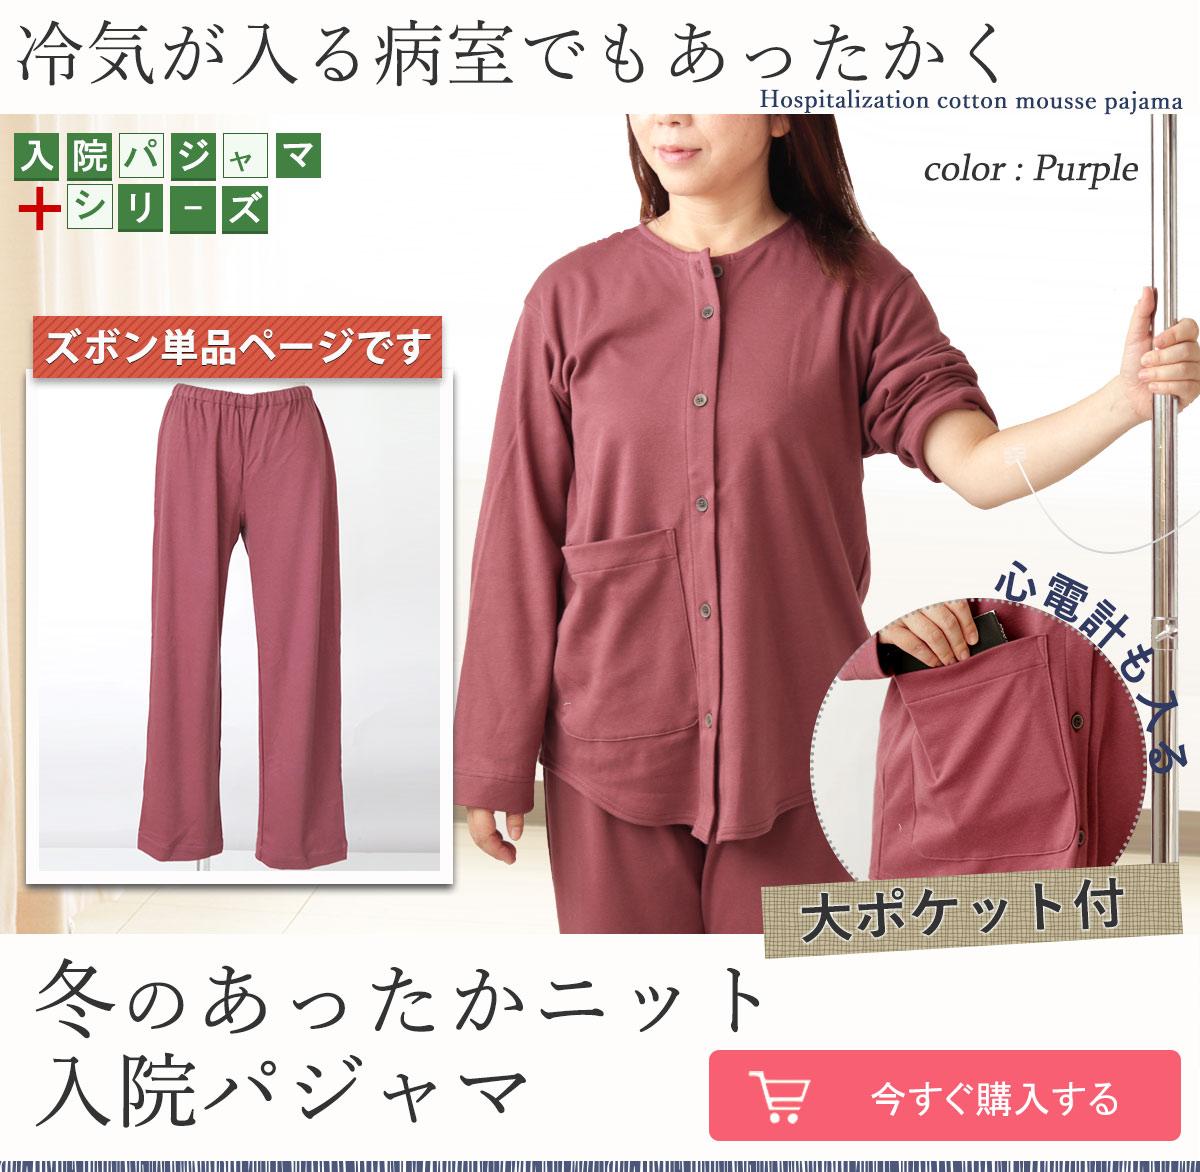 快適入院生活、受診しやすい入院サポートパジャマ